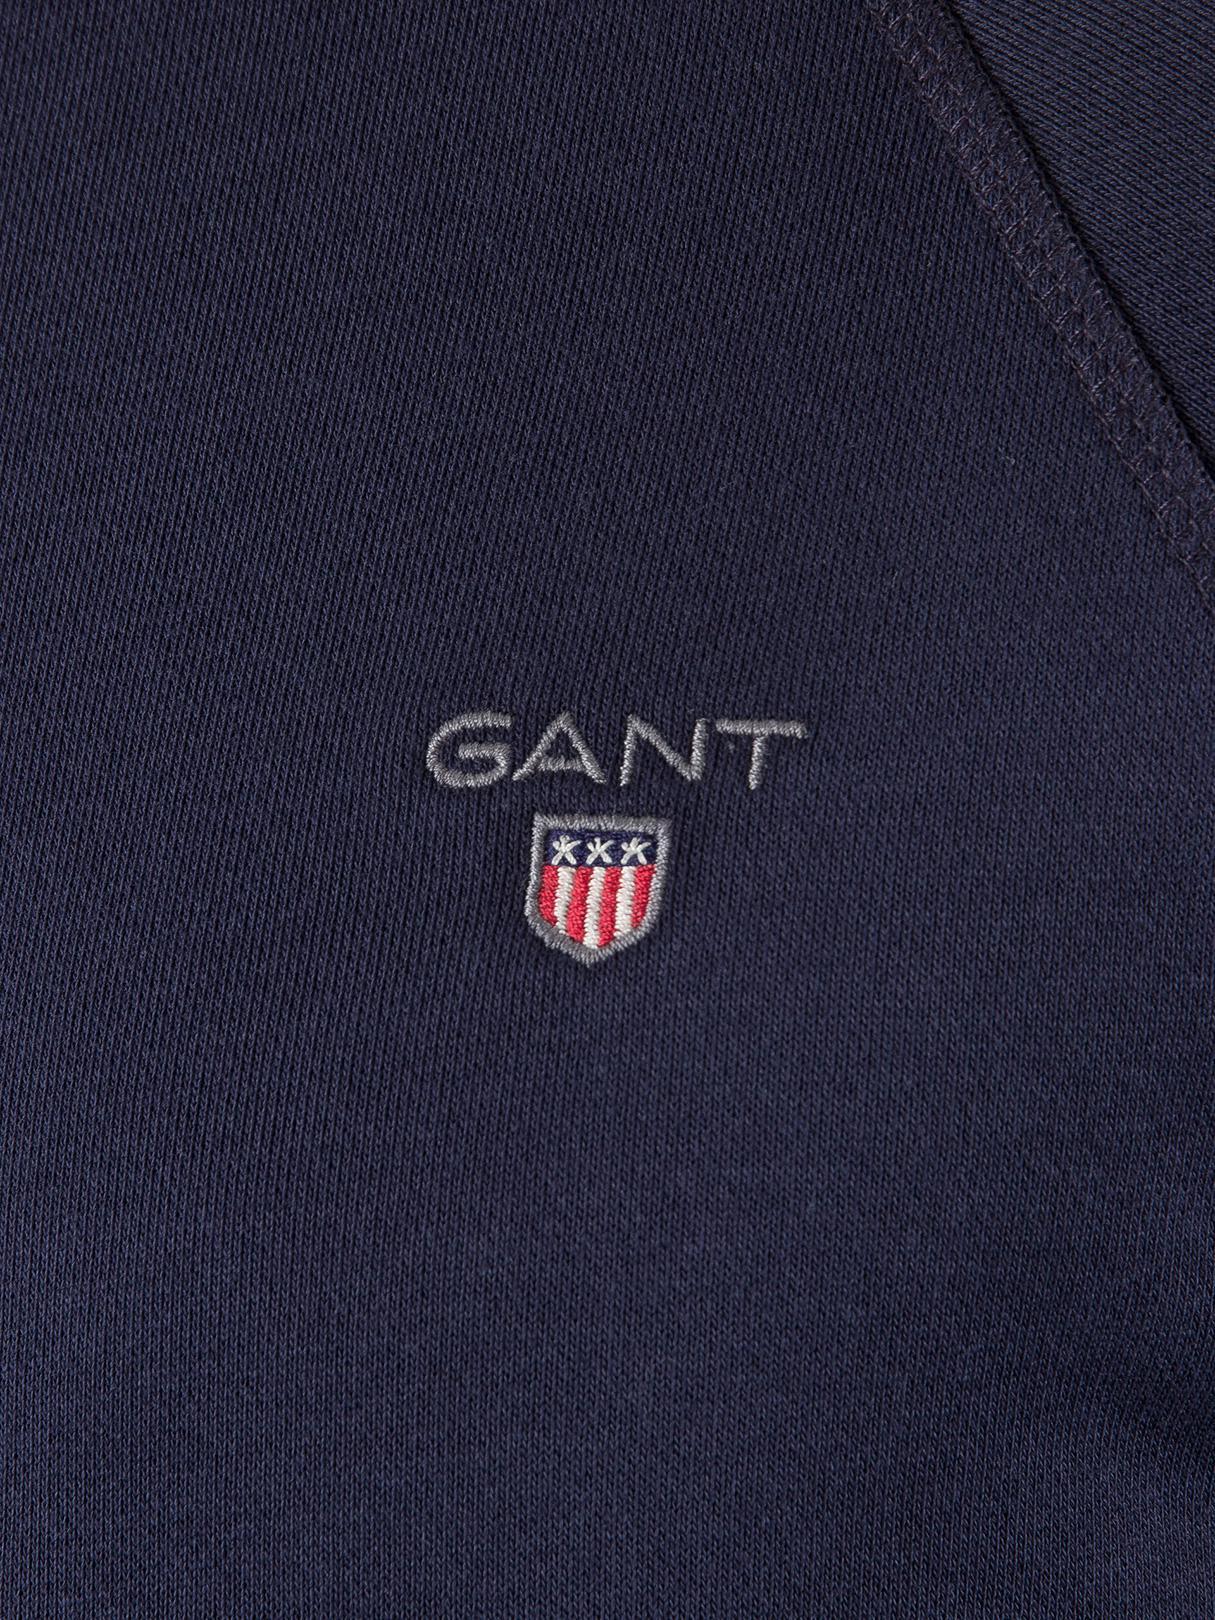 a3b913db336 GANT Evening Blue Original Sweatshirt in Blue for Men - Save 25% - Lyst